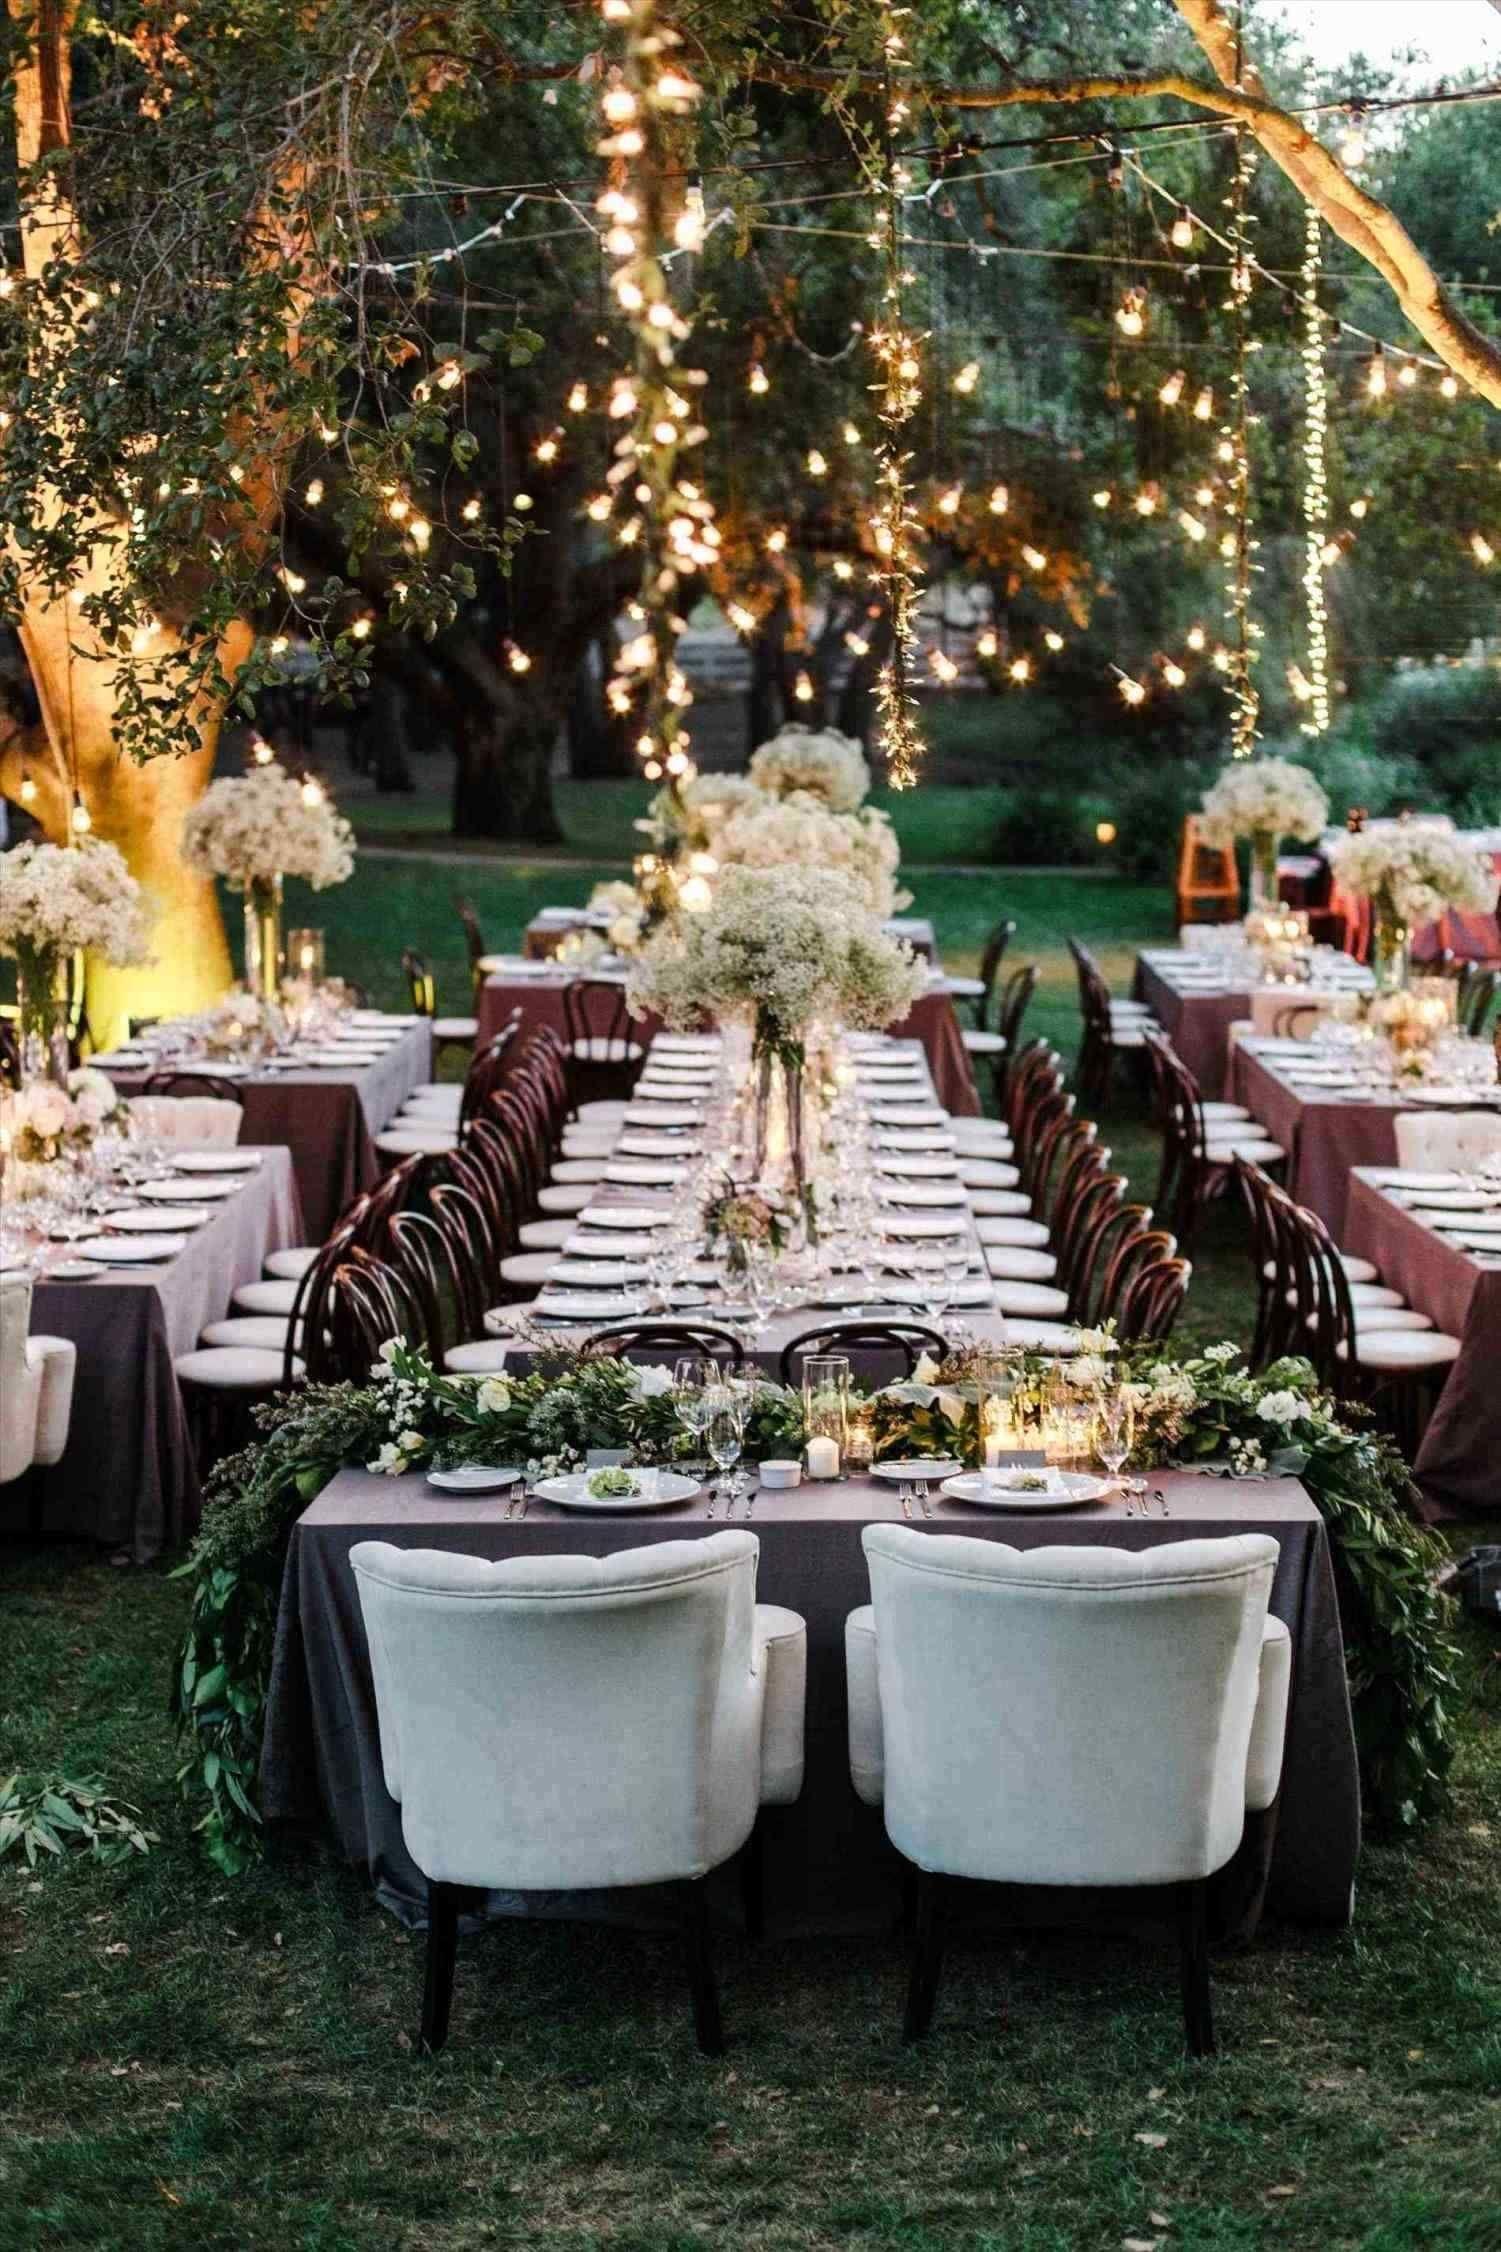 35afe01d5c80a 25+ Fantastic Wedding Backyard Ideas Festooning10 Rustic Backyard Wedding  Ideas Amora throughout ucwords] #BackyardWedding